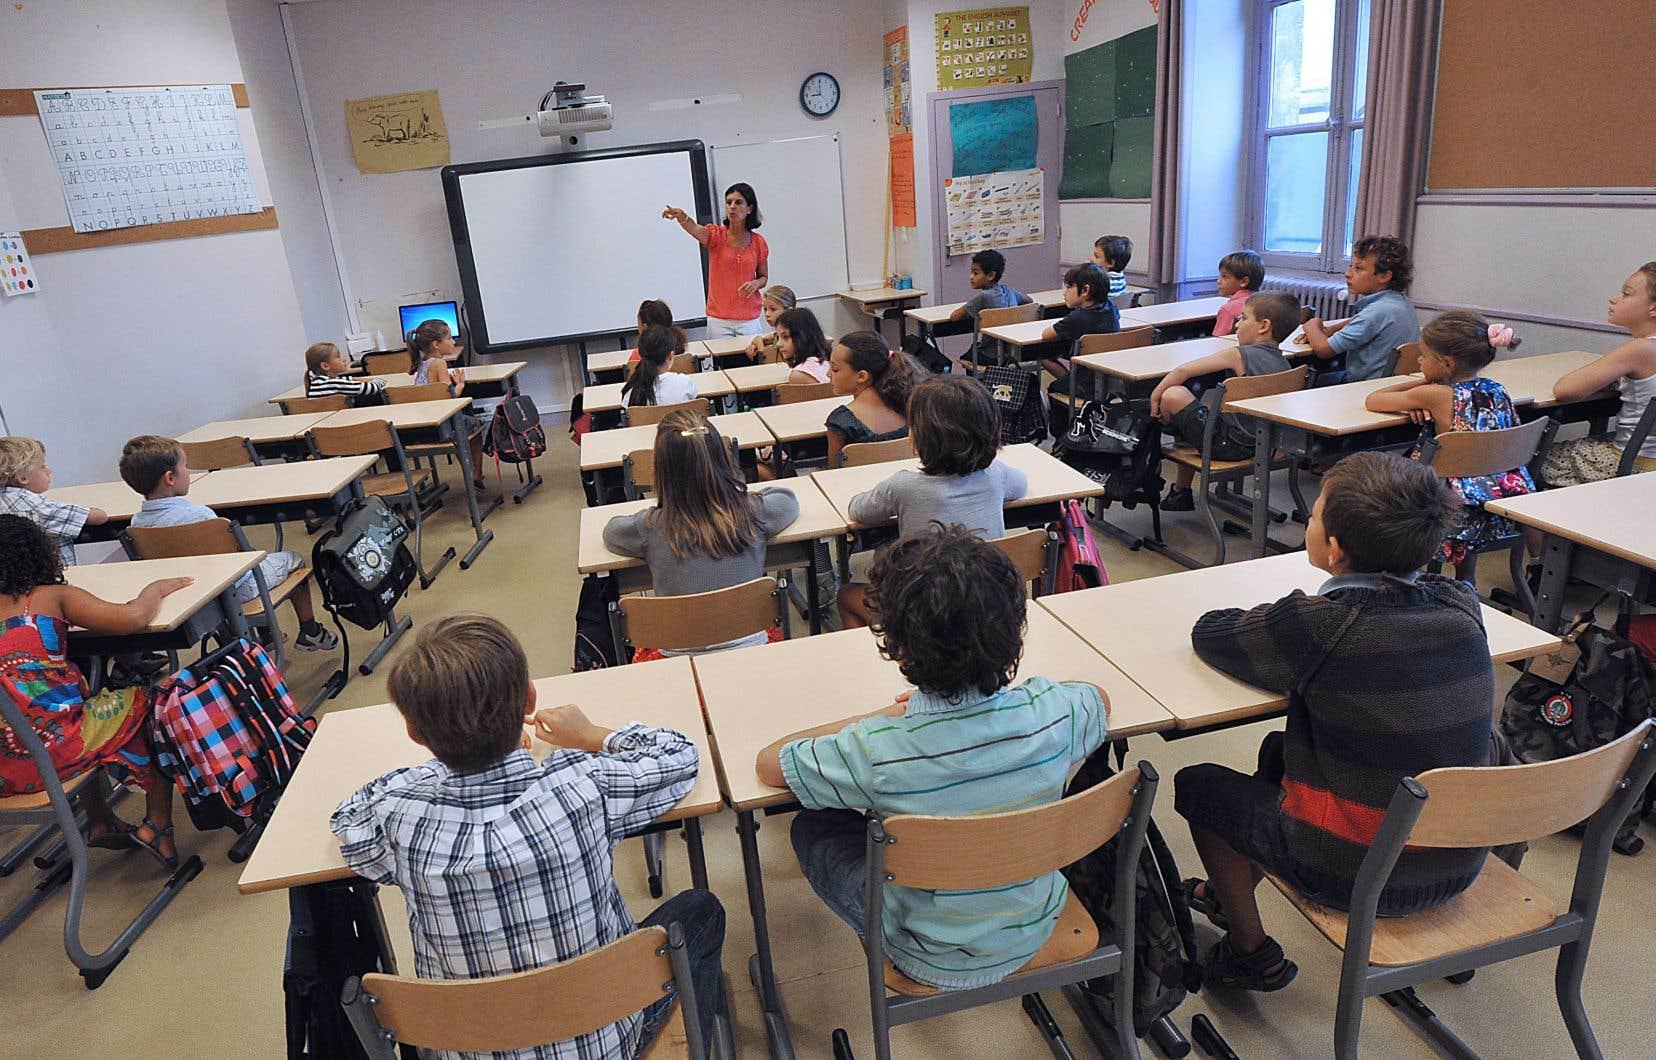 Les nombreuses décisions ministérielles qui ont modifié la manière d'évaluer les élèves depuis 2007 semblent s'appuyer sur cette croyance populaire que seul ce qui est chiffré possède une valeur et est «vrai».